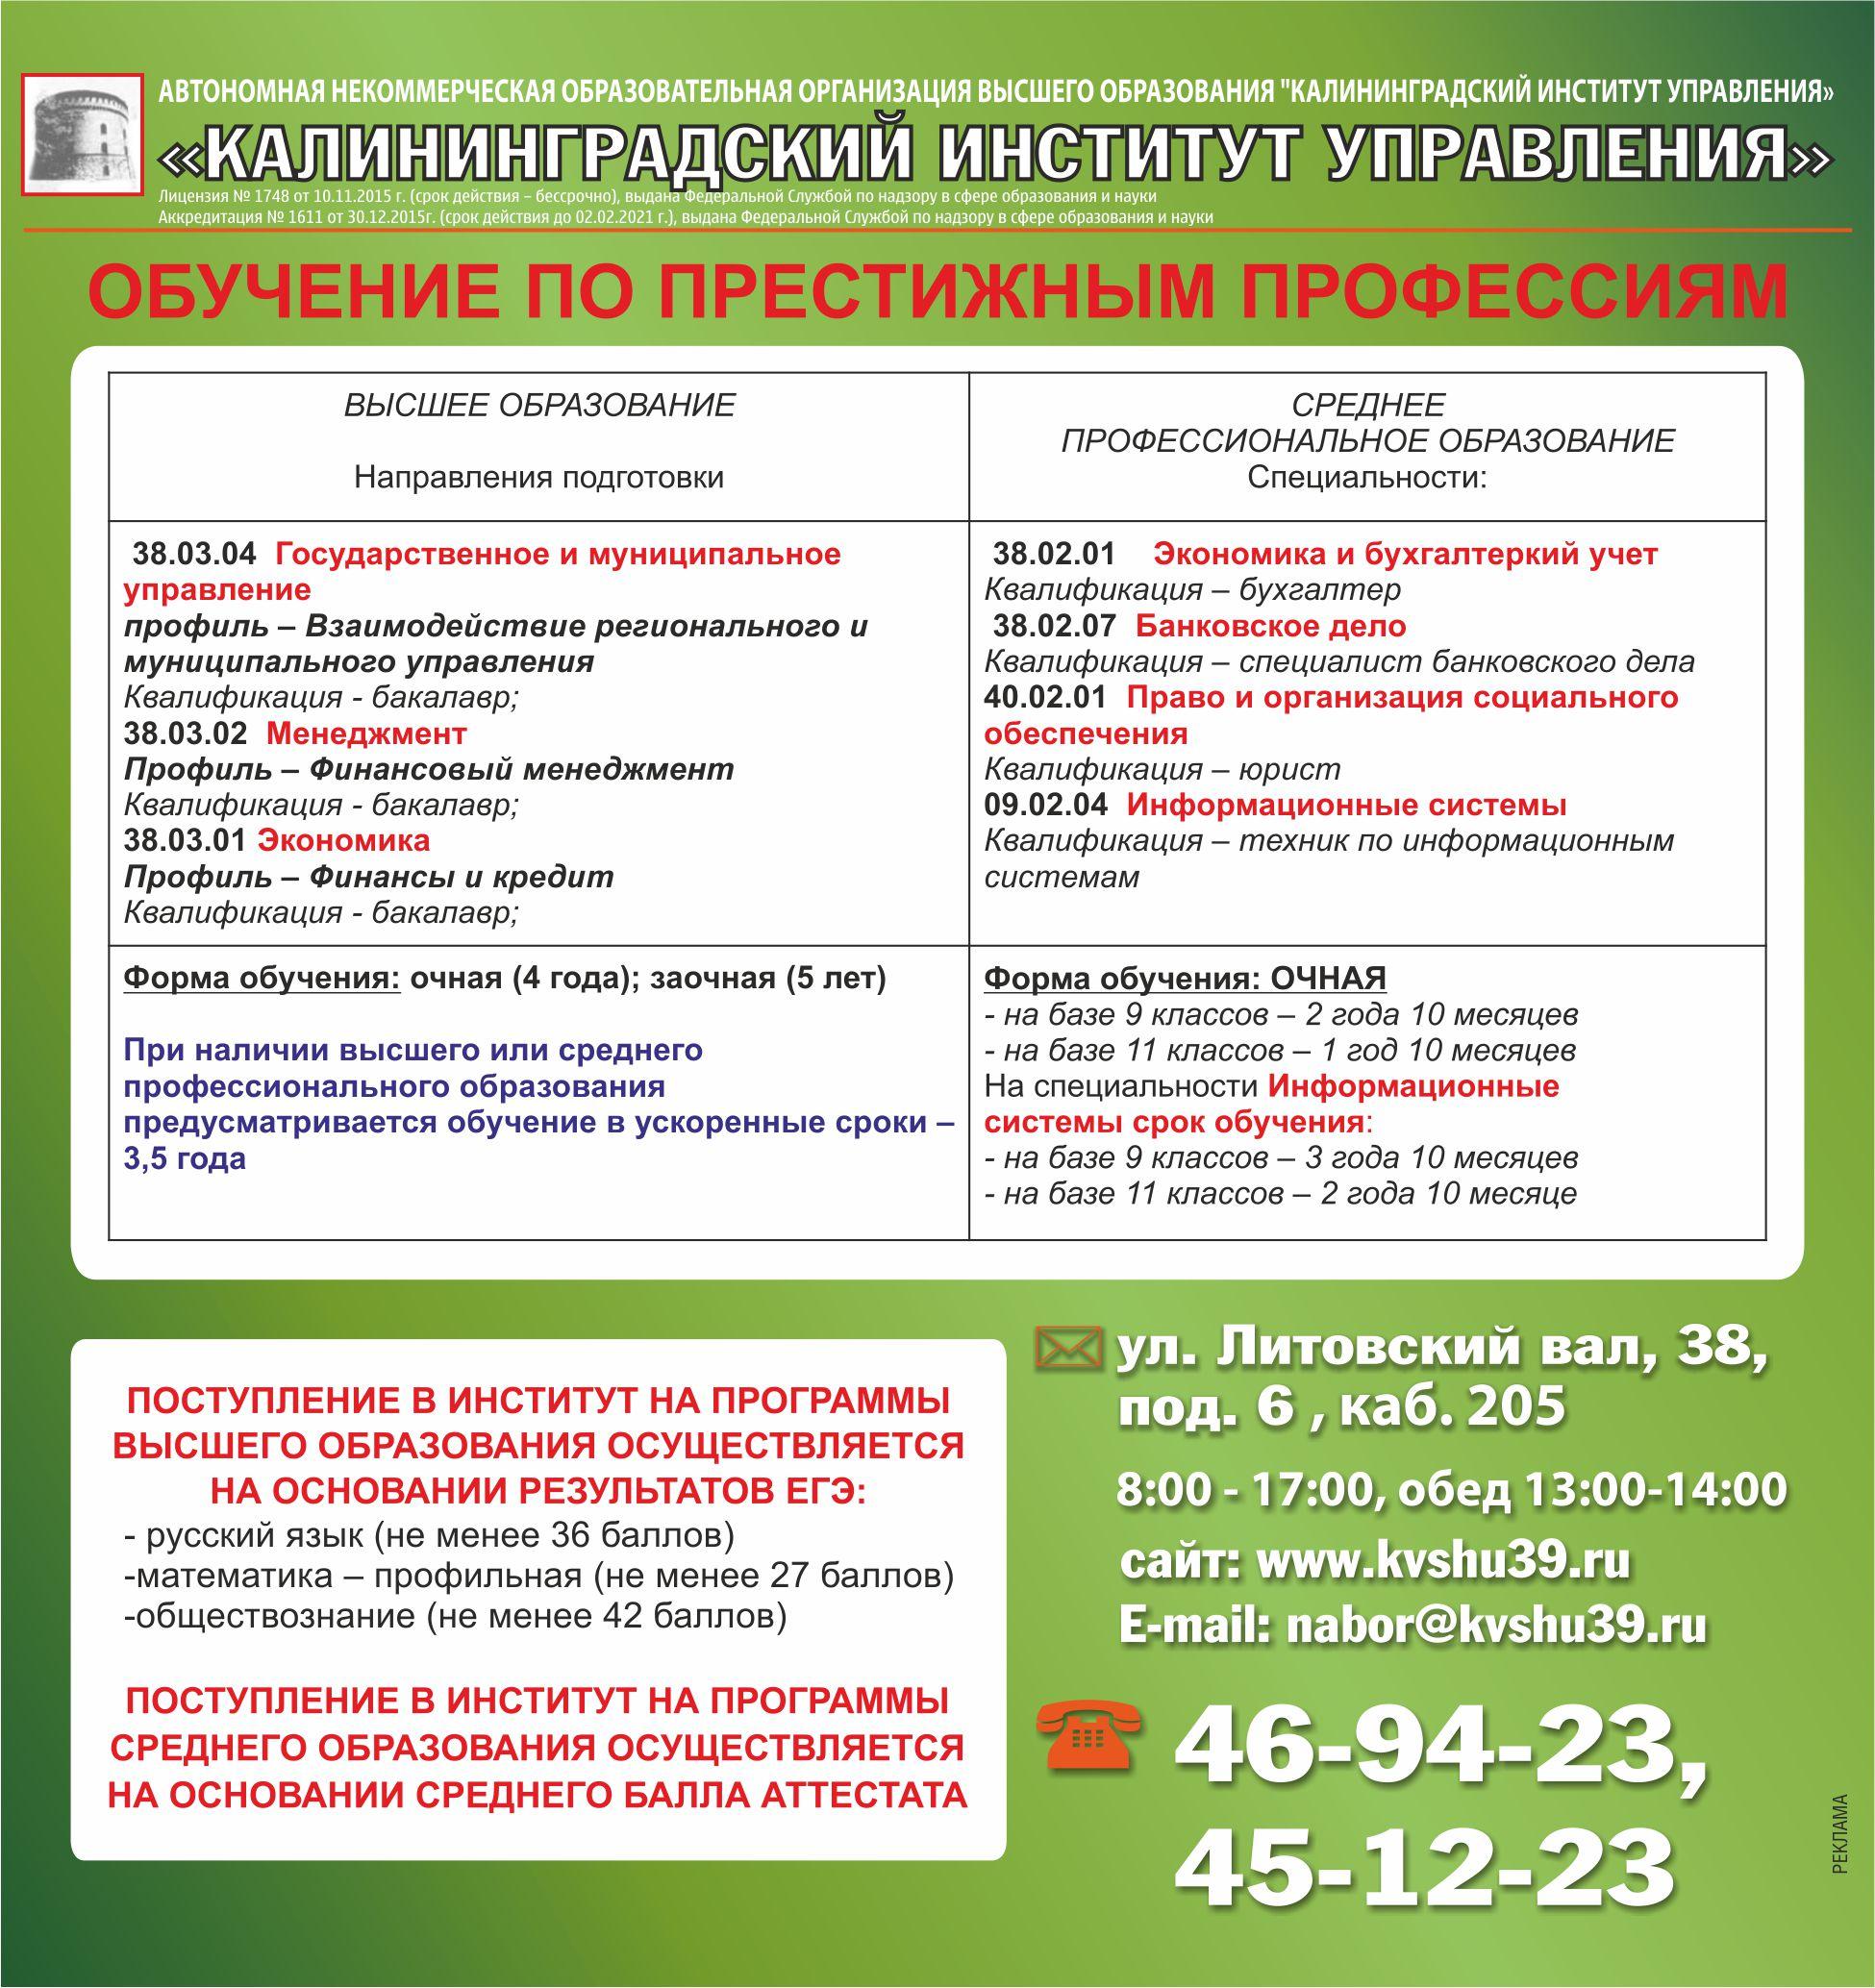 www.kvshu39.ru